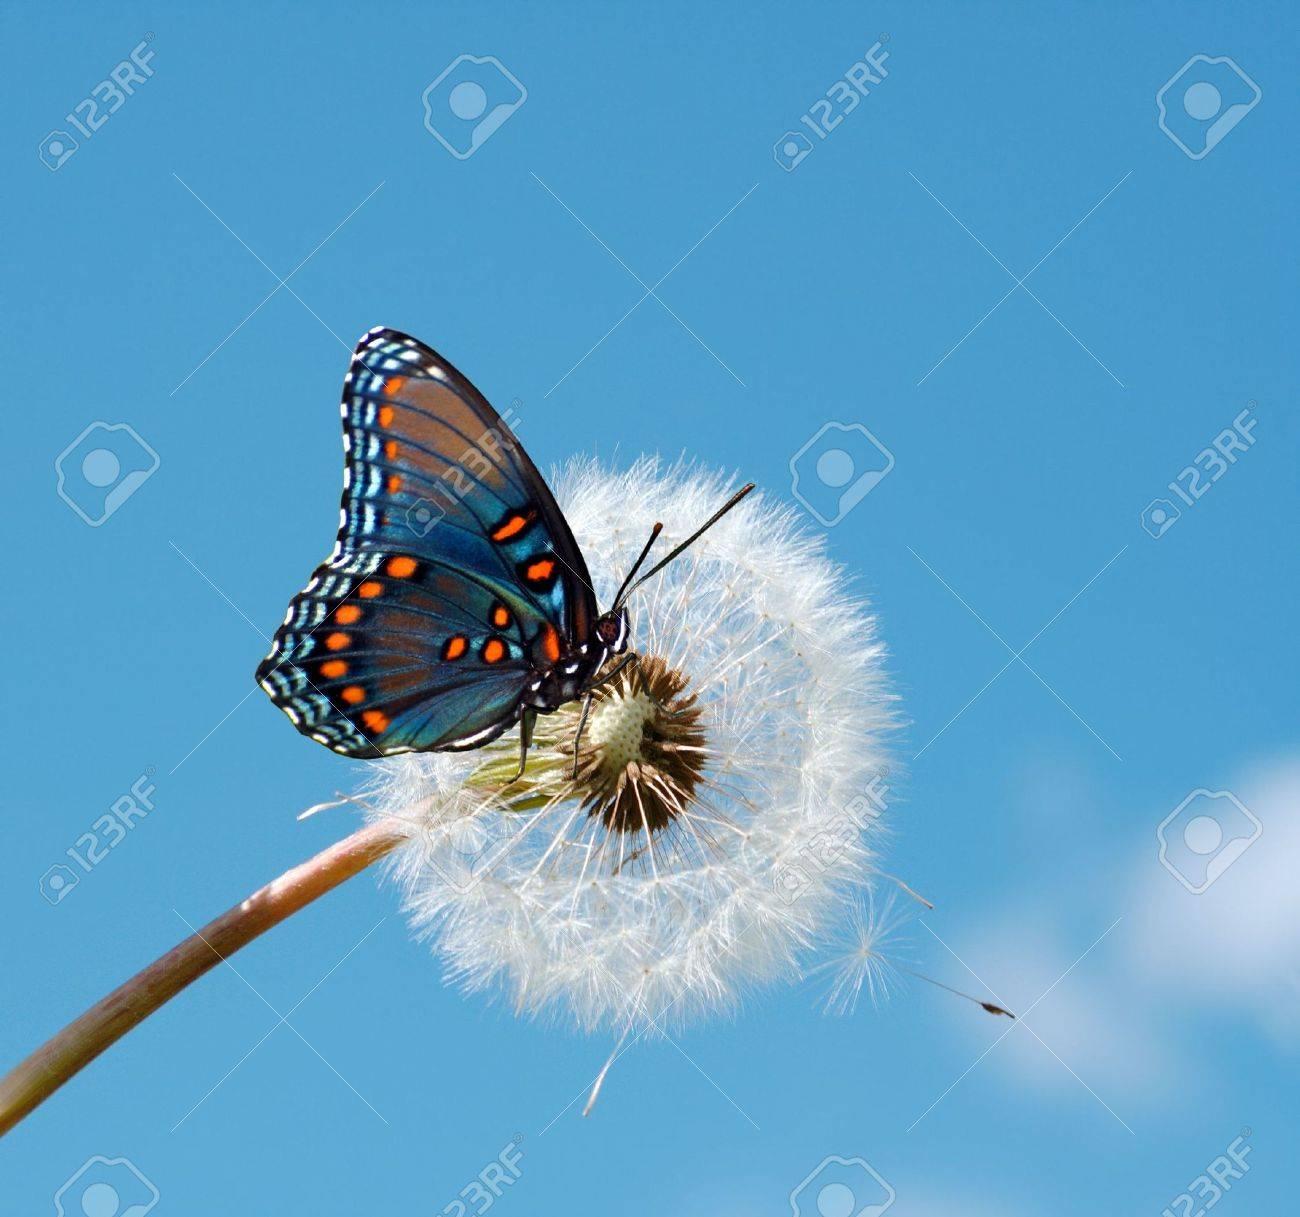 Butterfly on a dandelion - 6988079